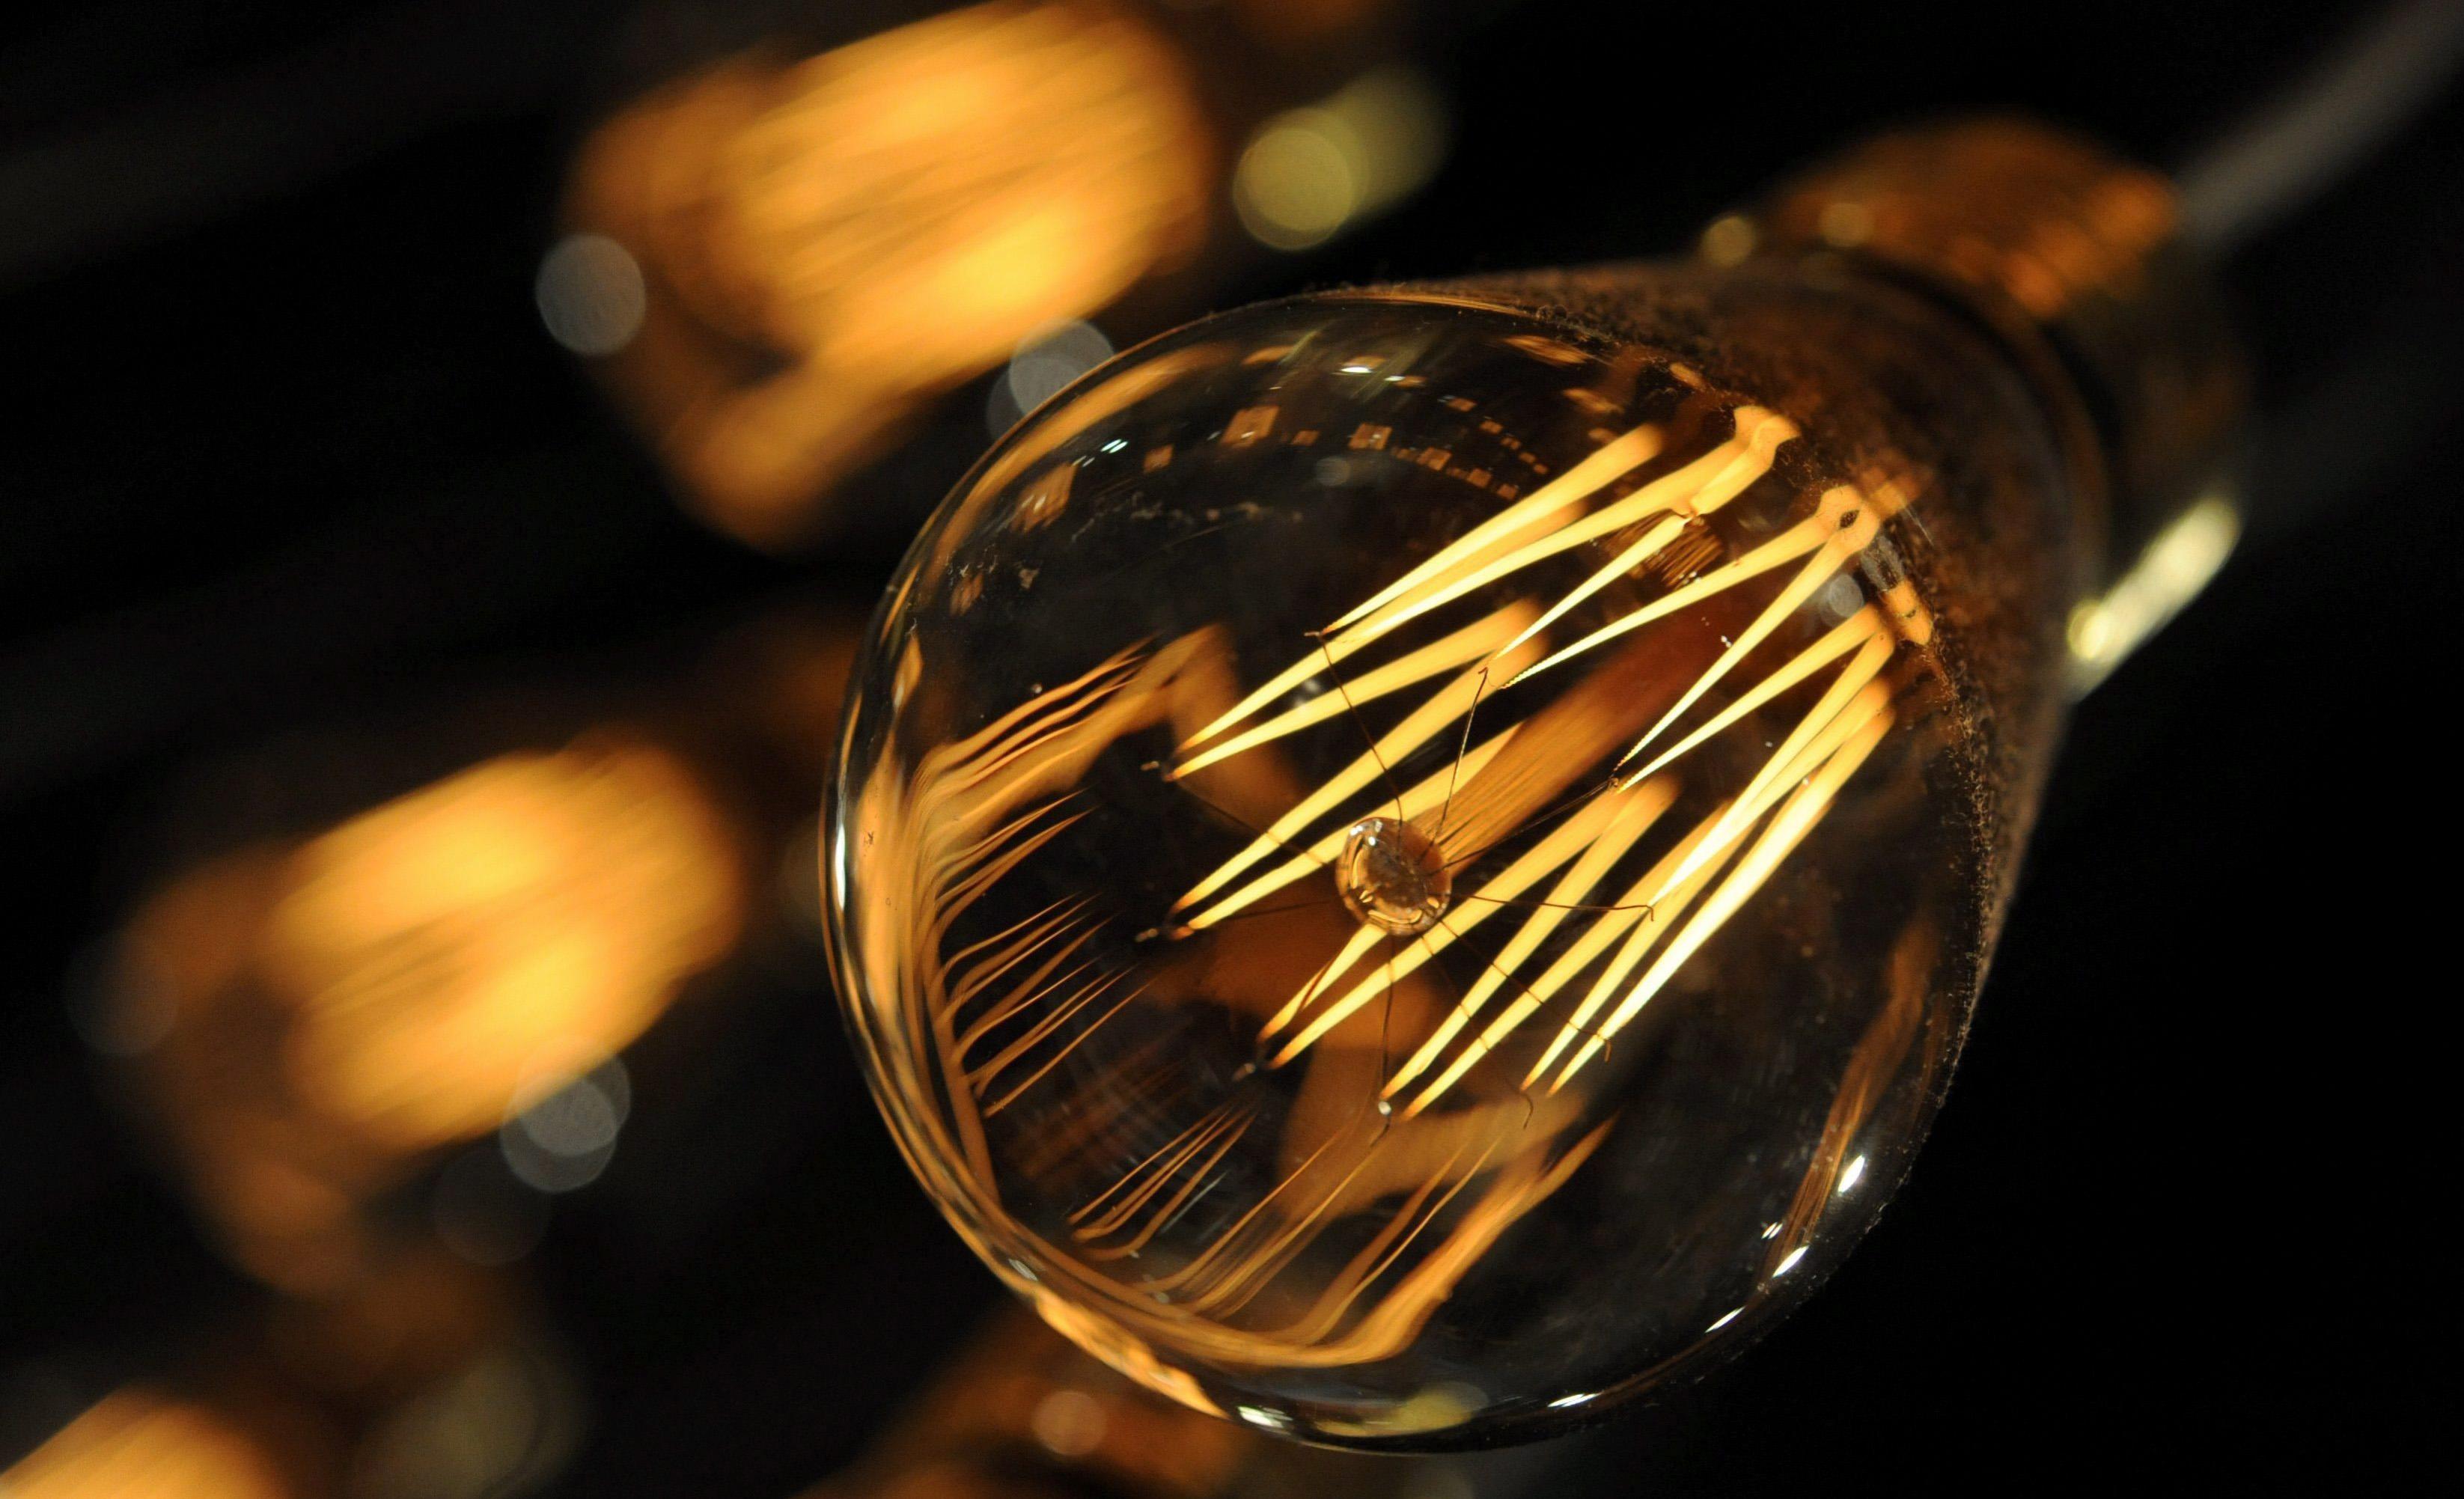 dpai HANOVER (ALEMANIA), 28/8/2009.-Imagen de una de las bombillas utilizadas como decoración en una tienda de ropa en Hanover, Alemania, ayer 27 de agosto de 2009. Las bombillas tradicionales de 100 vatios desaparecerán paulatinamente de las tiendas europeas a partir del 1 de septiembre. EFE/Jochum Luebke.